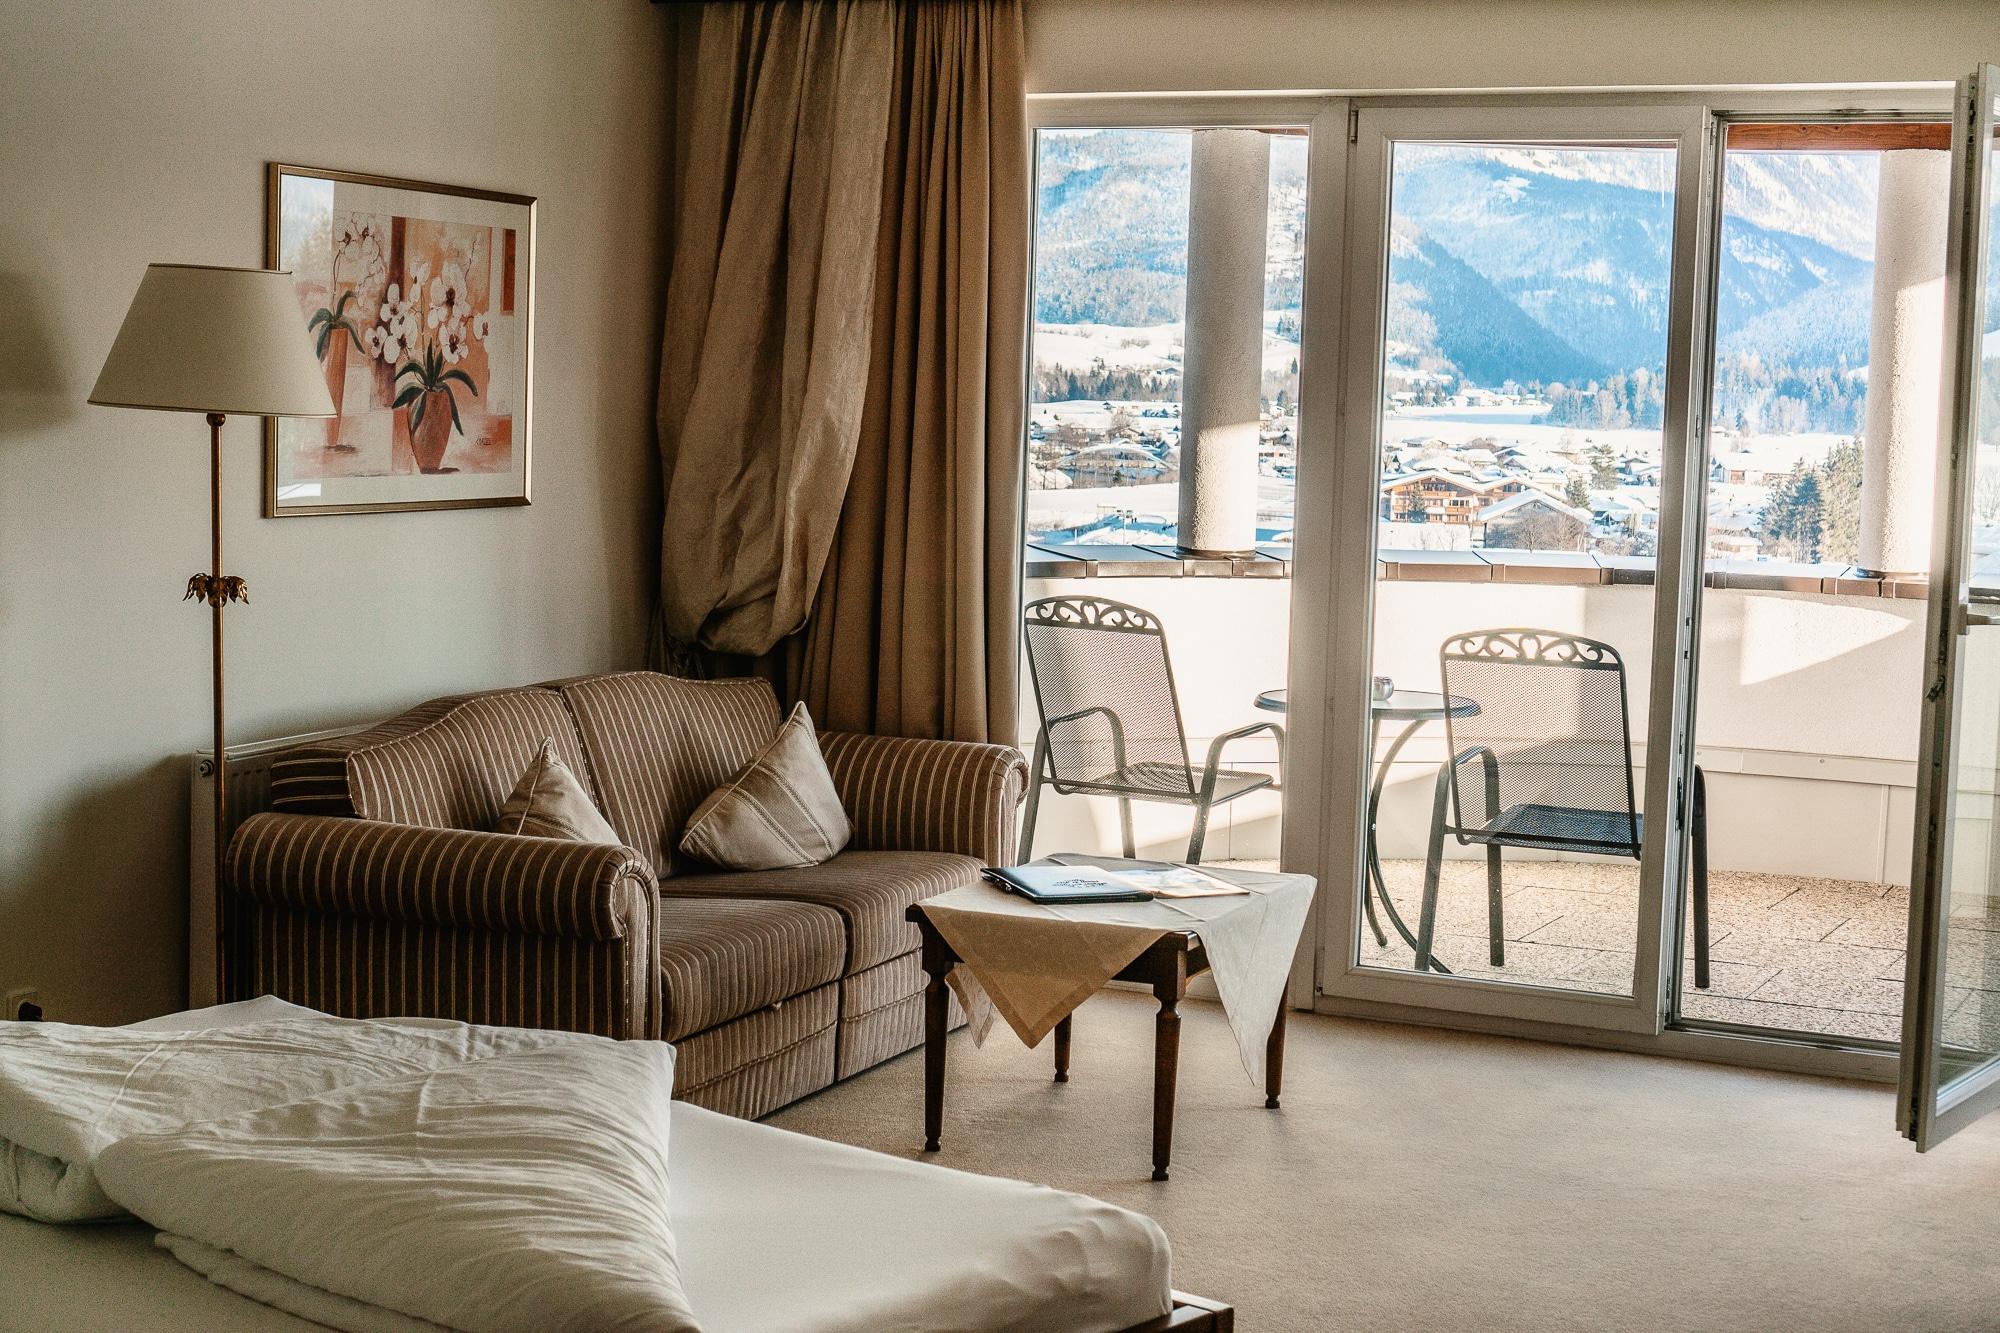 Kaiserwinkl Skiurlaub: Tipps zum Skifahren, Langlauf & andere Highlights - Hotel Alpina Kössen Panoramasuite